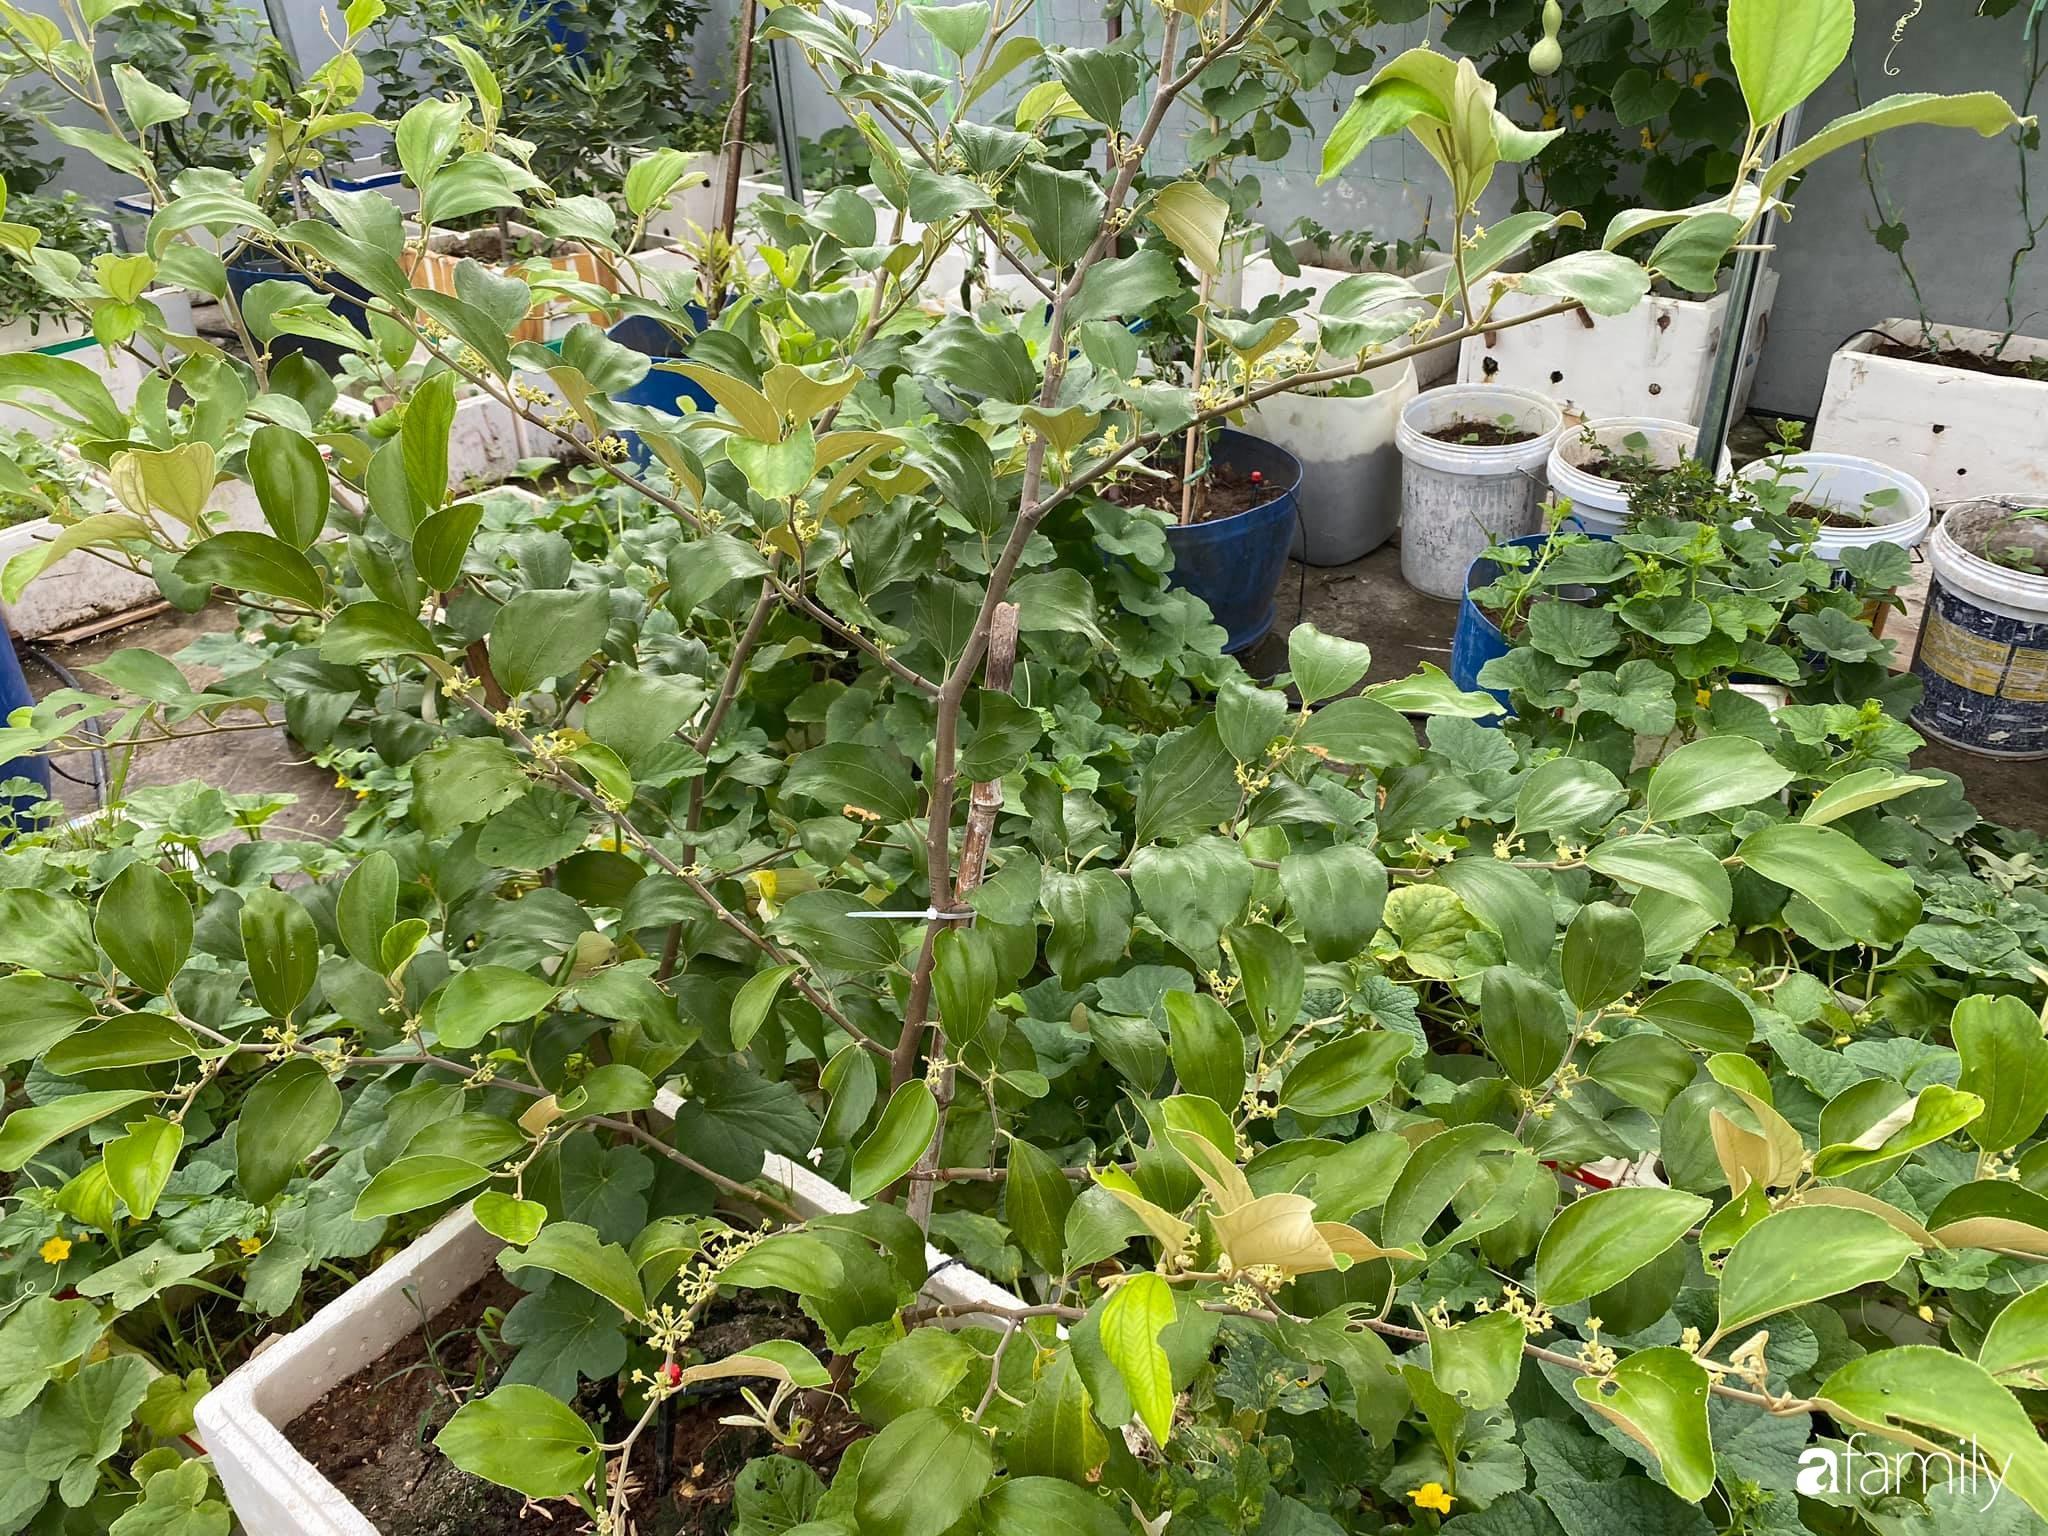 Tận dụng sân thượng chung cư, nữ giám đốc Hà Nội chi 8 triệu trồng đủ loại rau quả sạch - Ảnh 4.